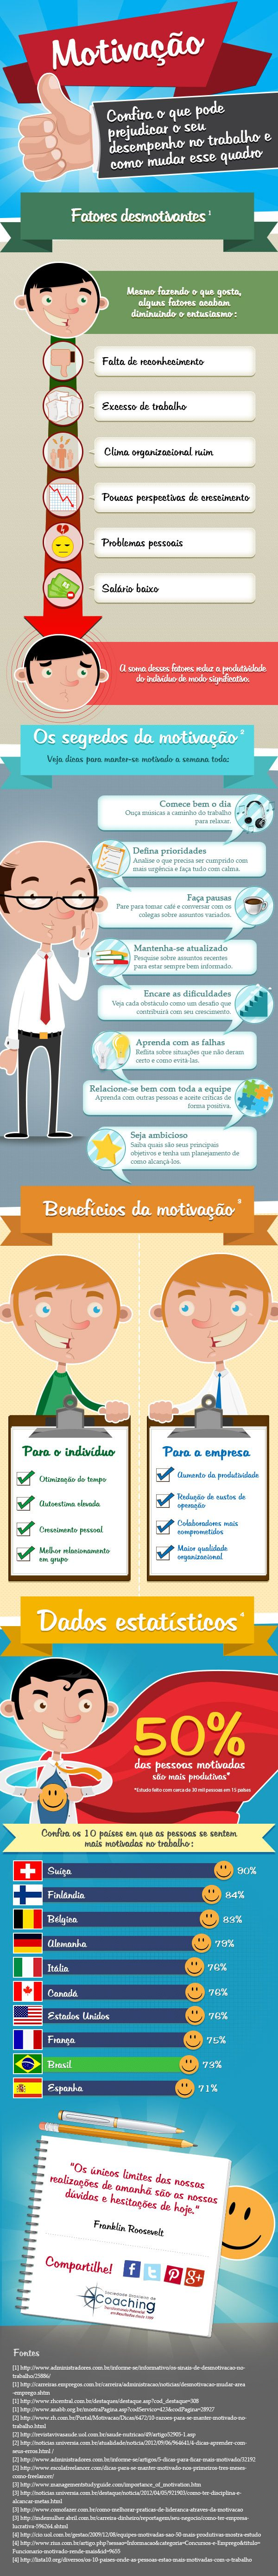 Infográfico - Os benefícios da motivação no trabalho #infografico #motivacao #empregabilidade